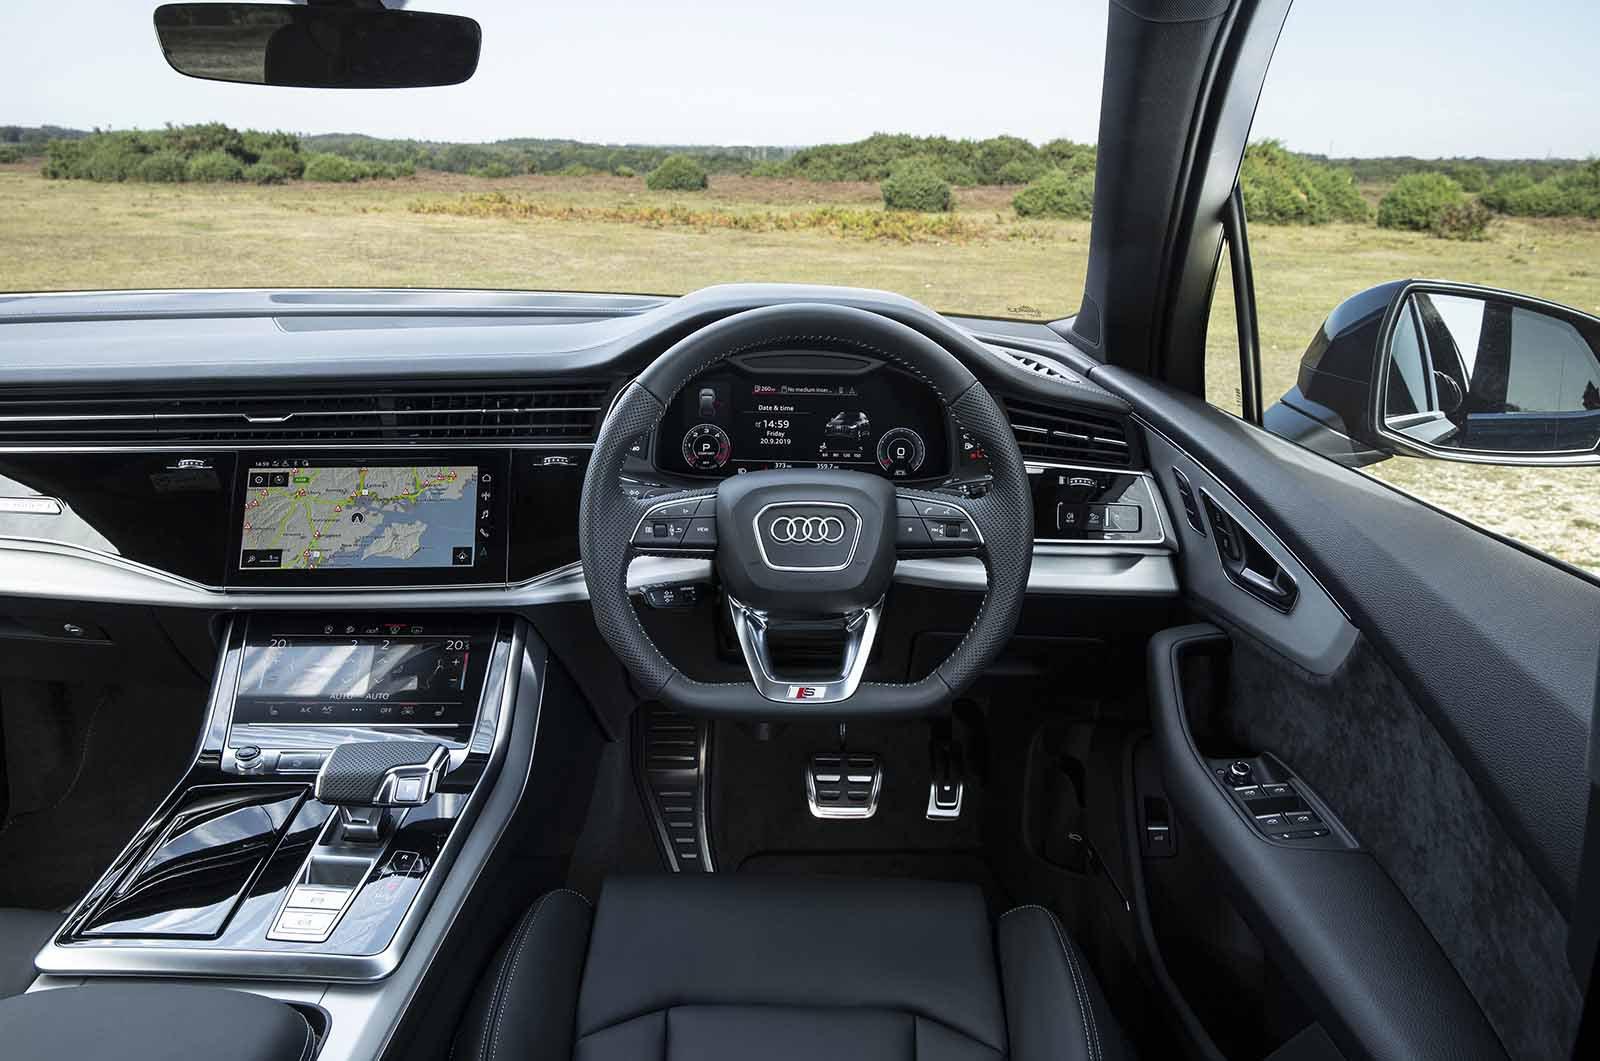 Audi Q7 2019 RHD dashboard